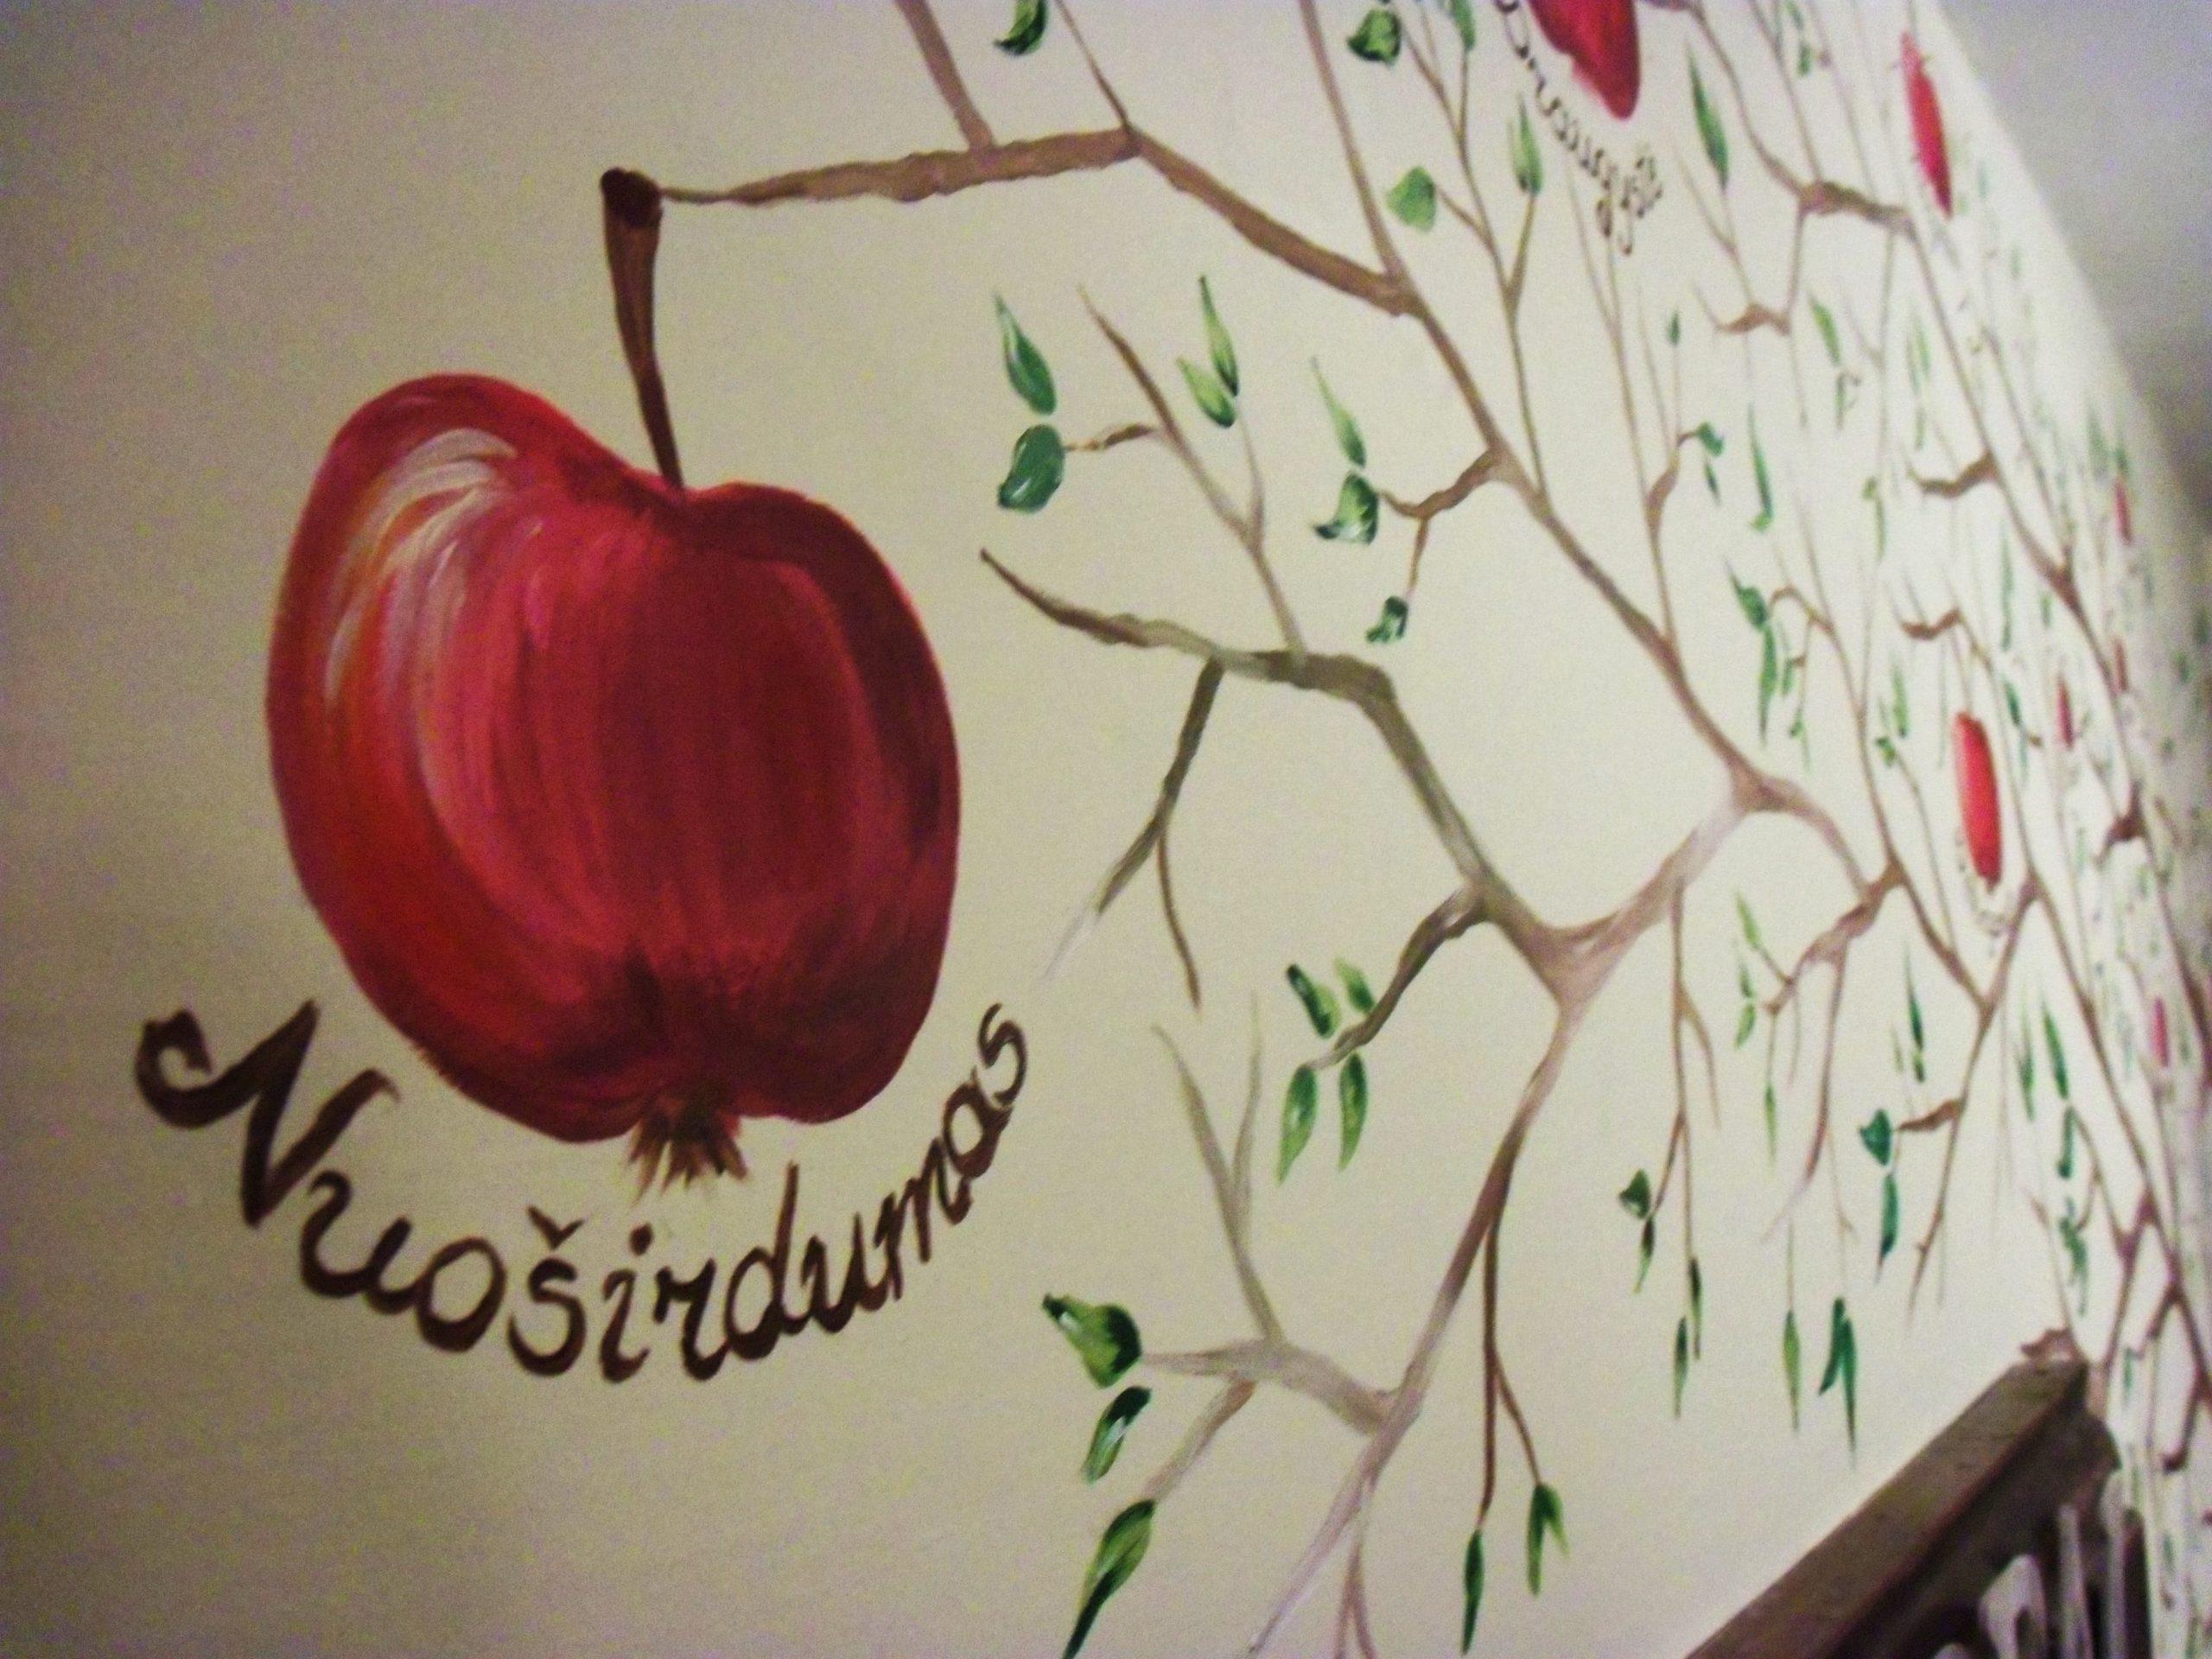 menine-kuryba-sienu-dekoravimas-ugdymo-istaigos (20)